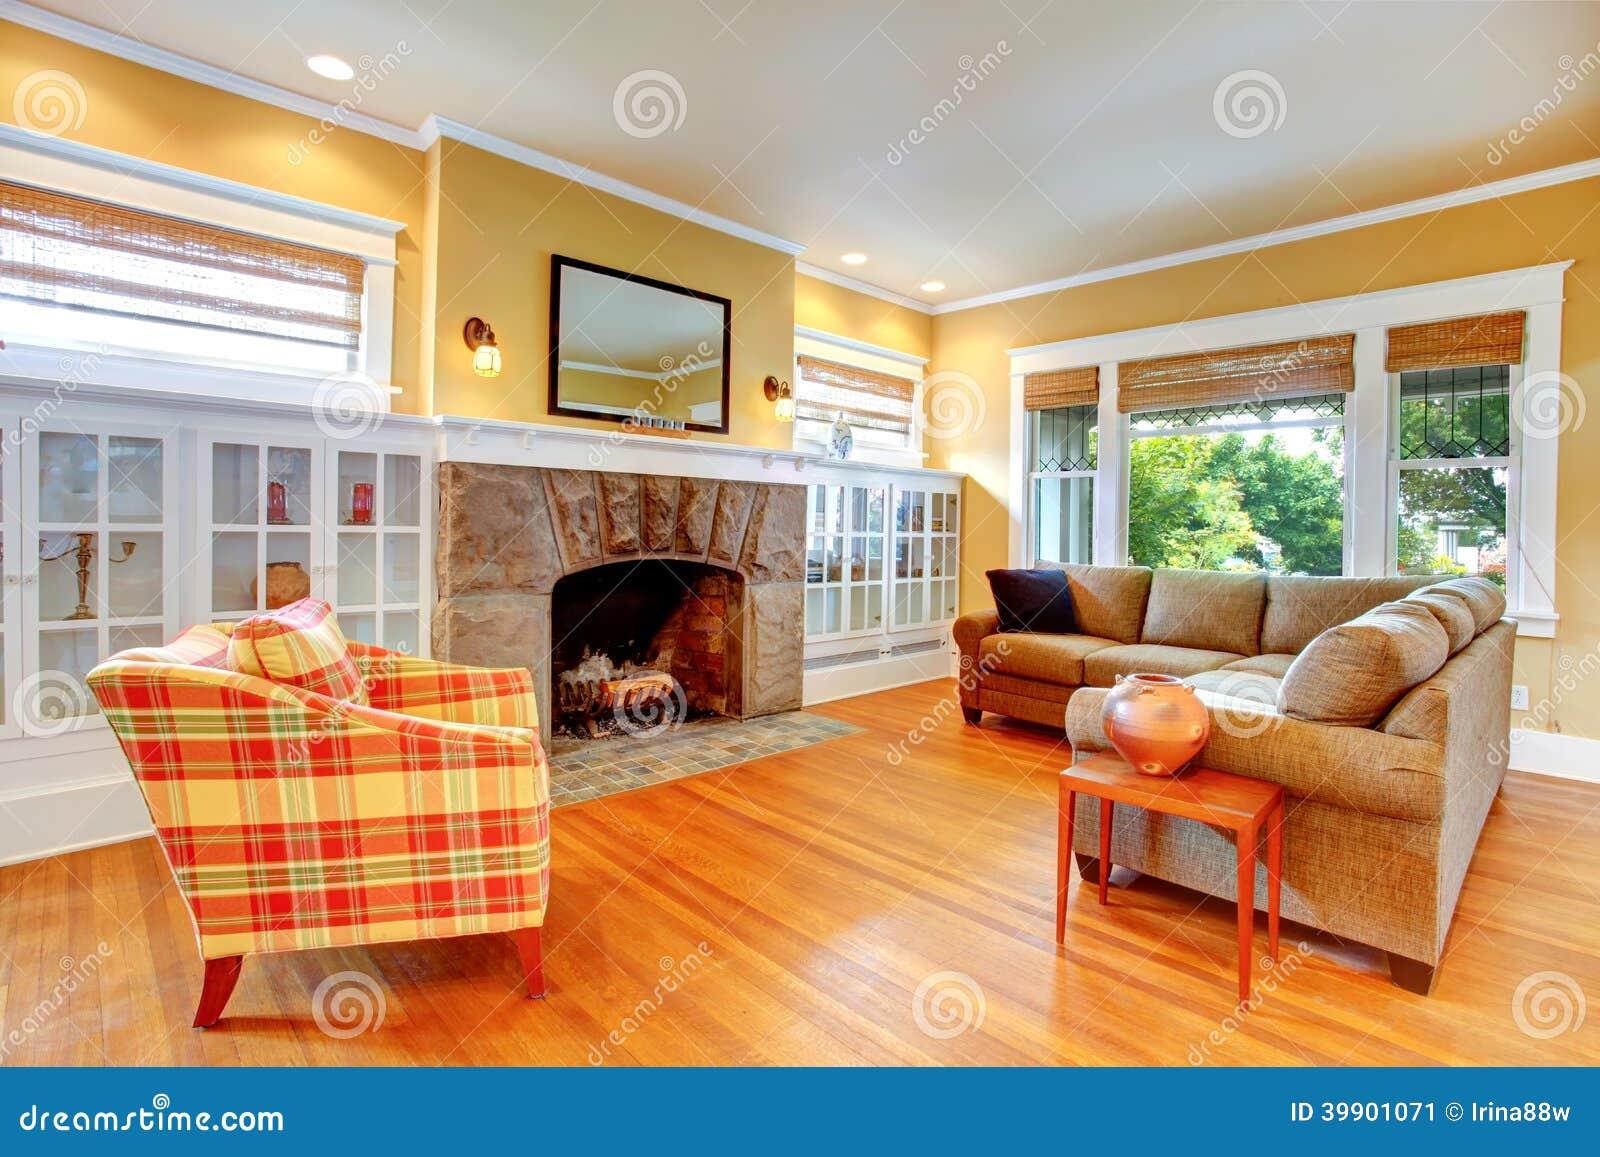 Huisbinnenland gele woonkamer met open haard stock afbeelding